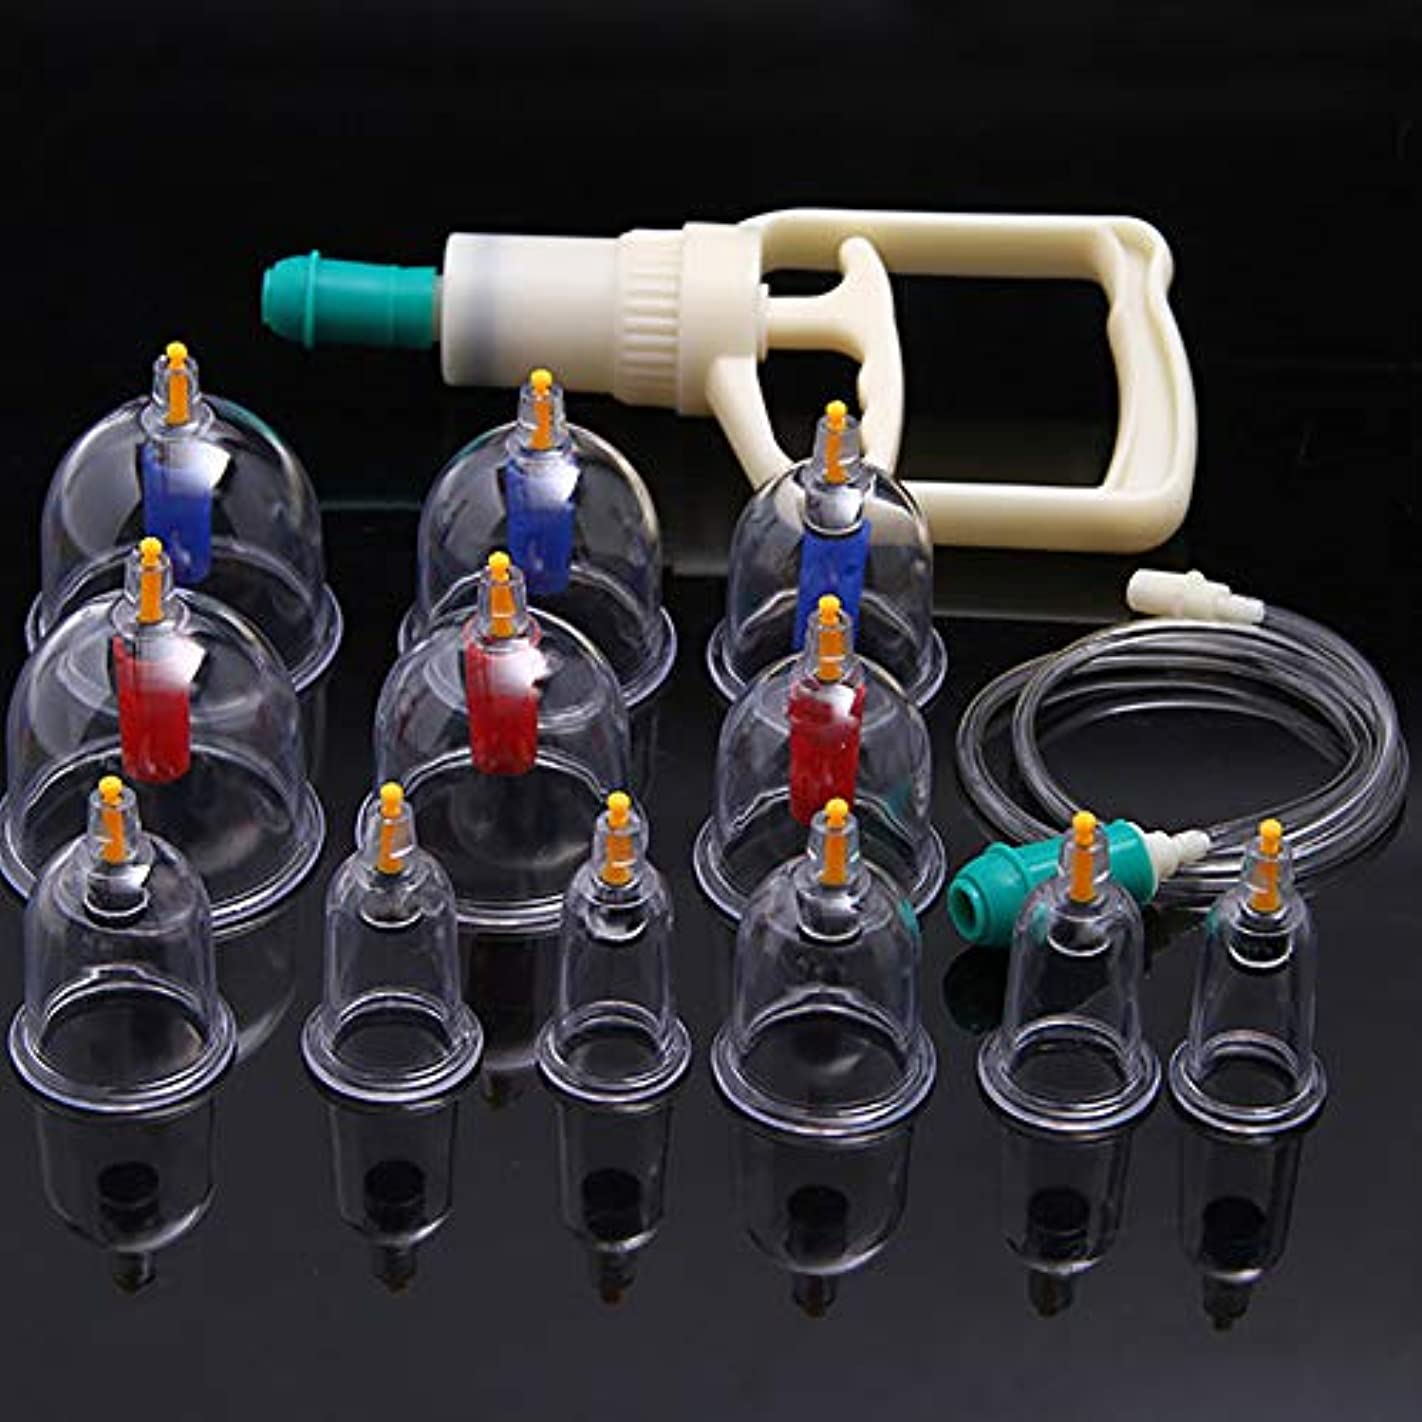 輸送分離可聴TINYPONY カッピング 吸い玉カップ 排気ポンプ 真空 脂肪吸引 康祝 6種 12個セット 自宅エステ アンチエイジングに